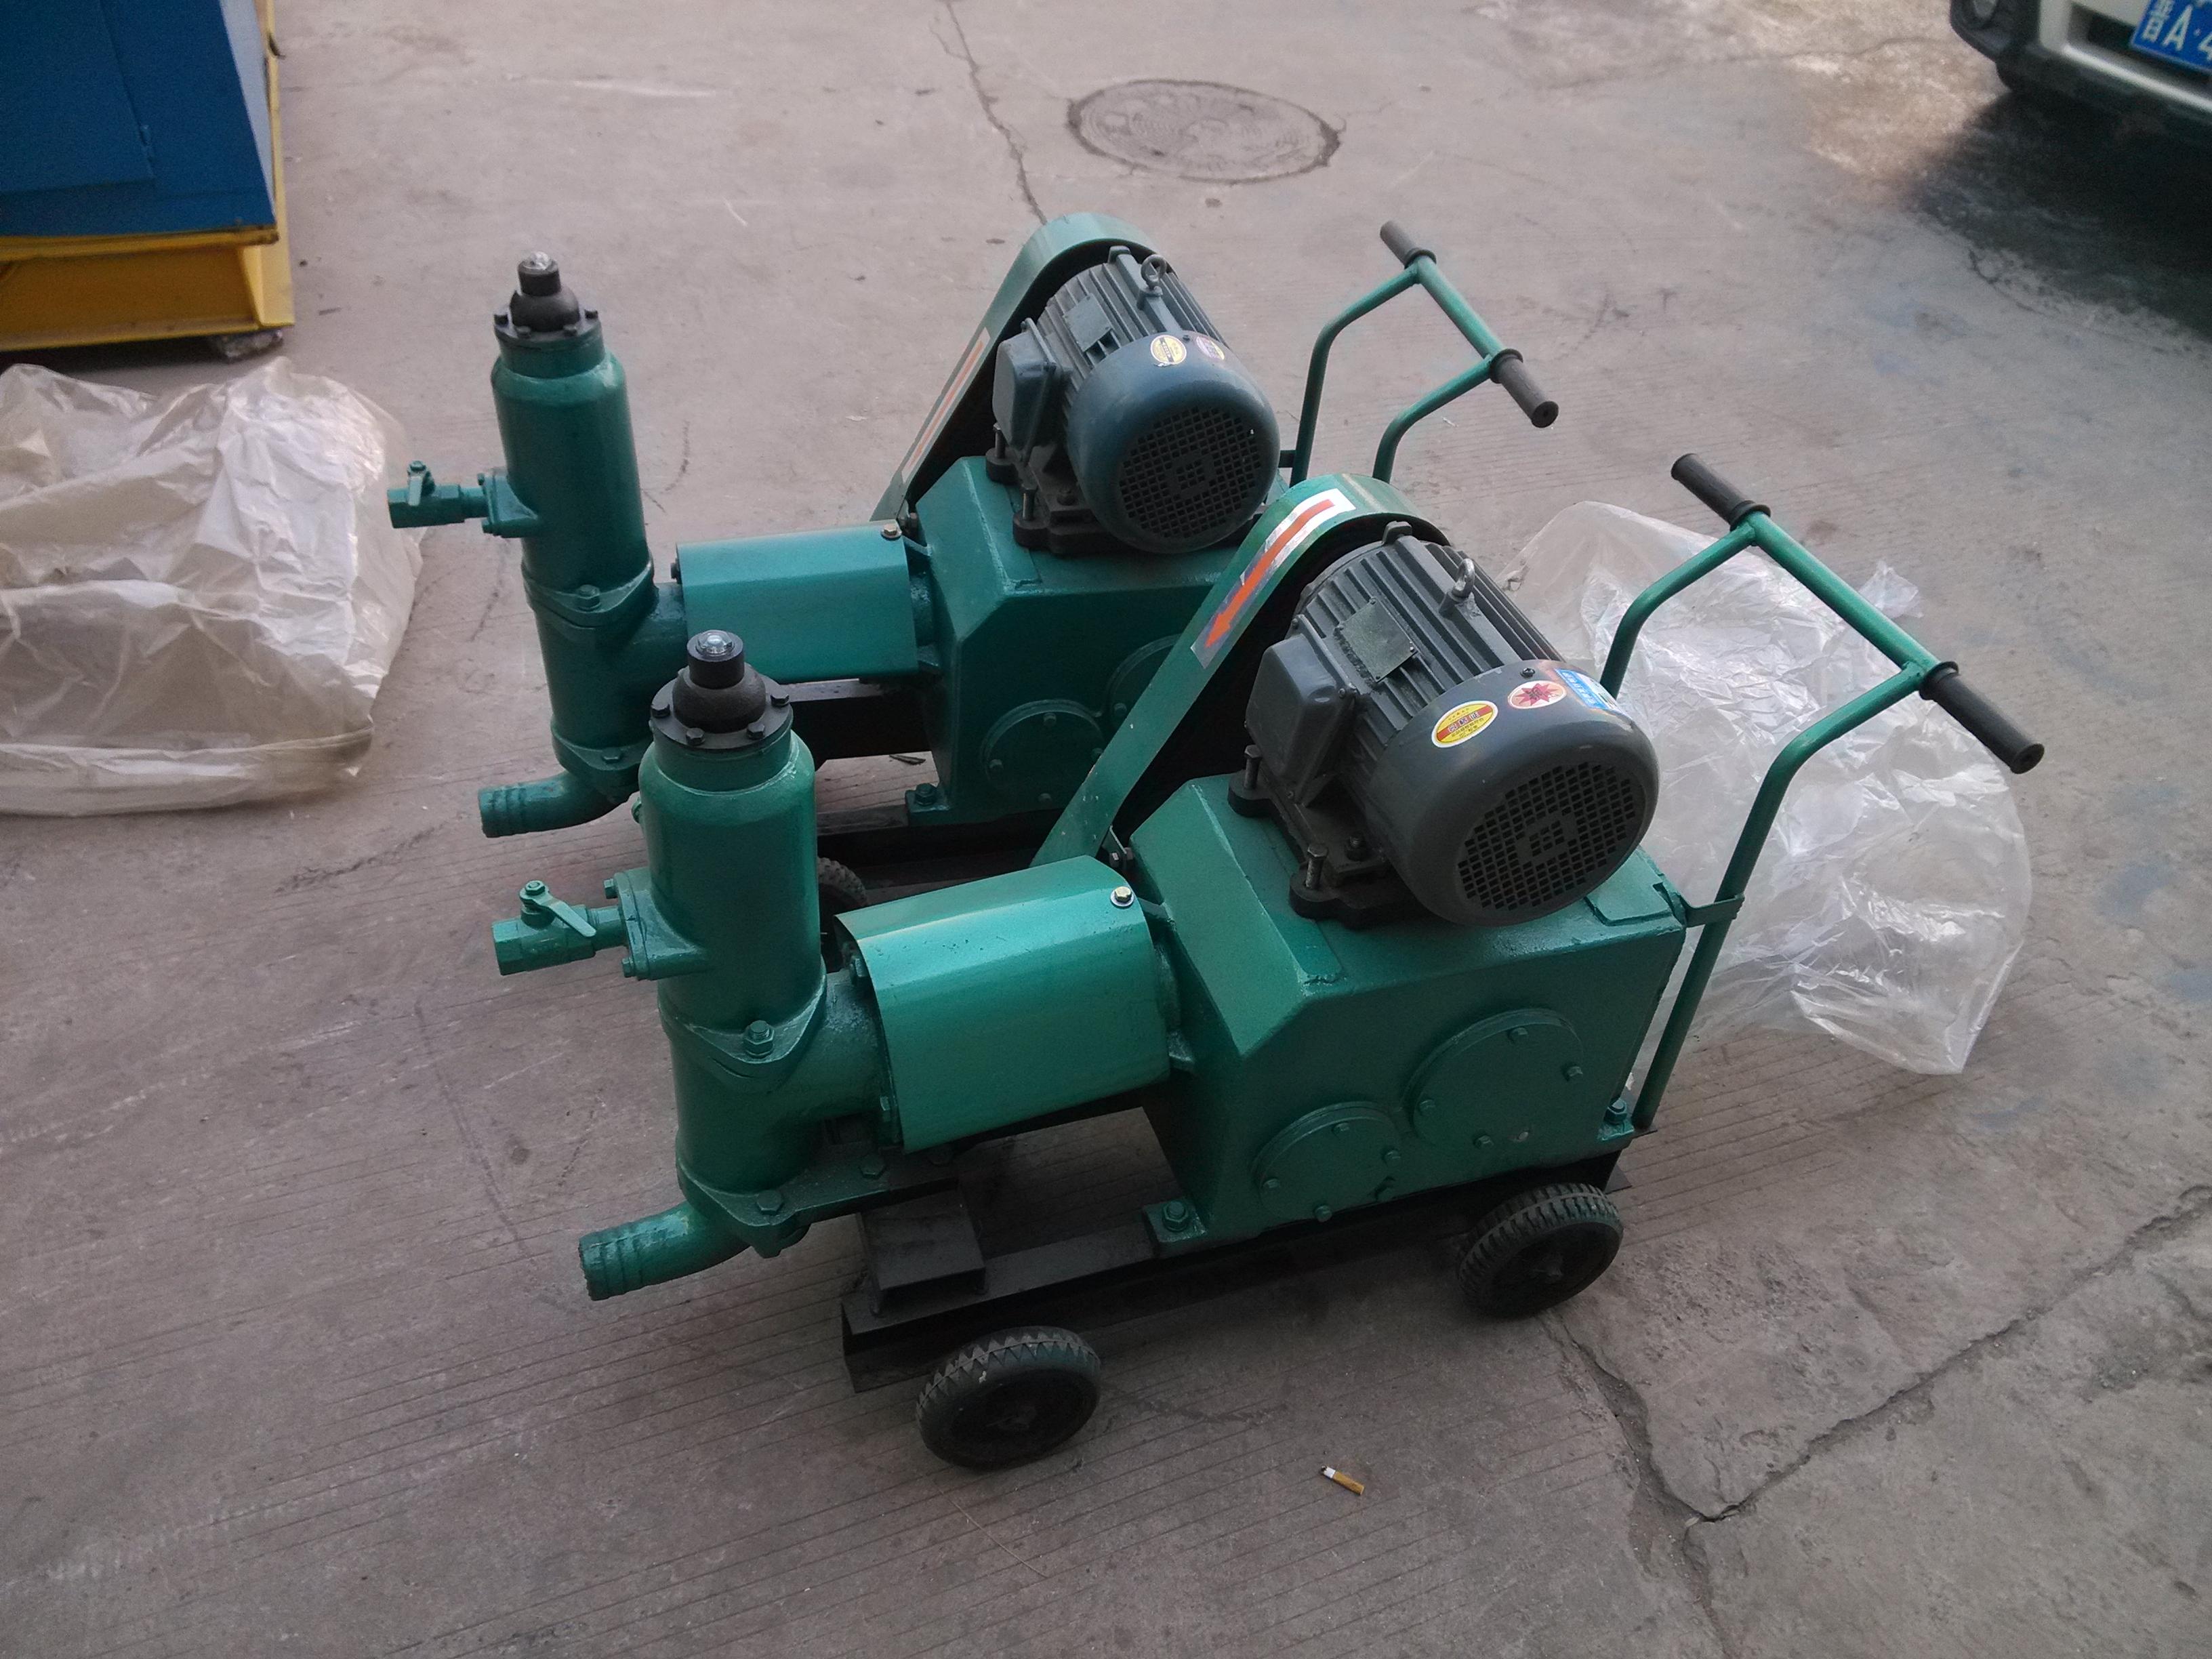 三螺杆泵拆卸步骤图解